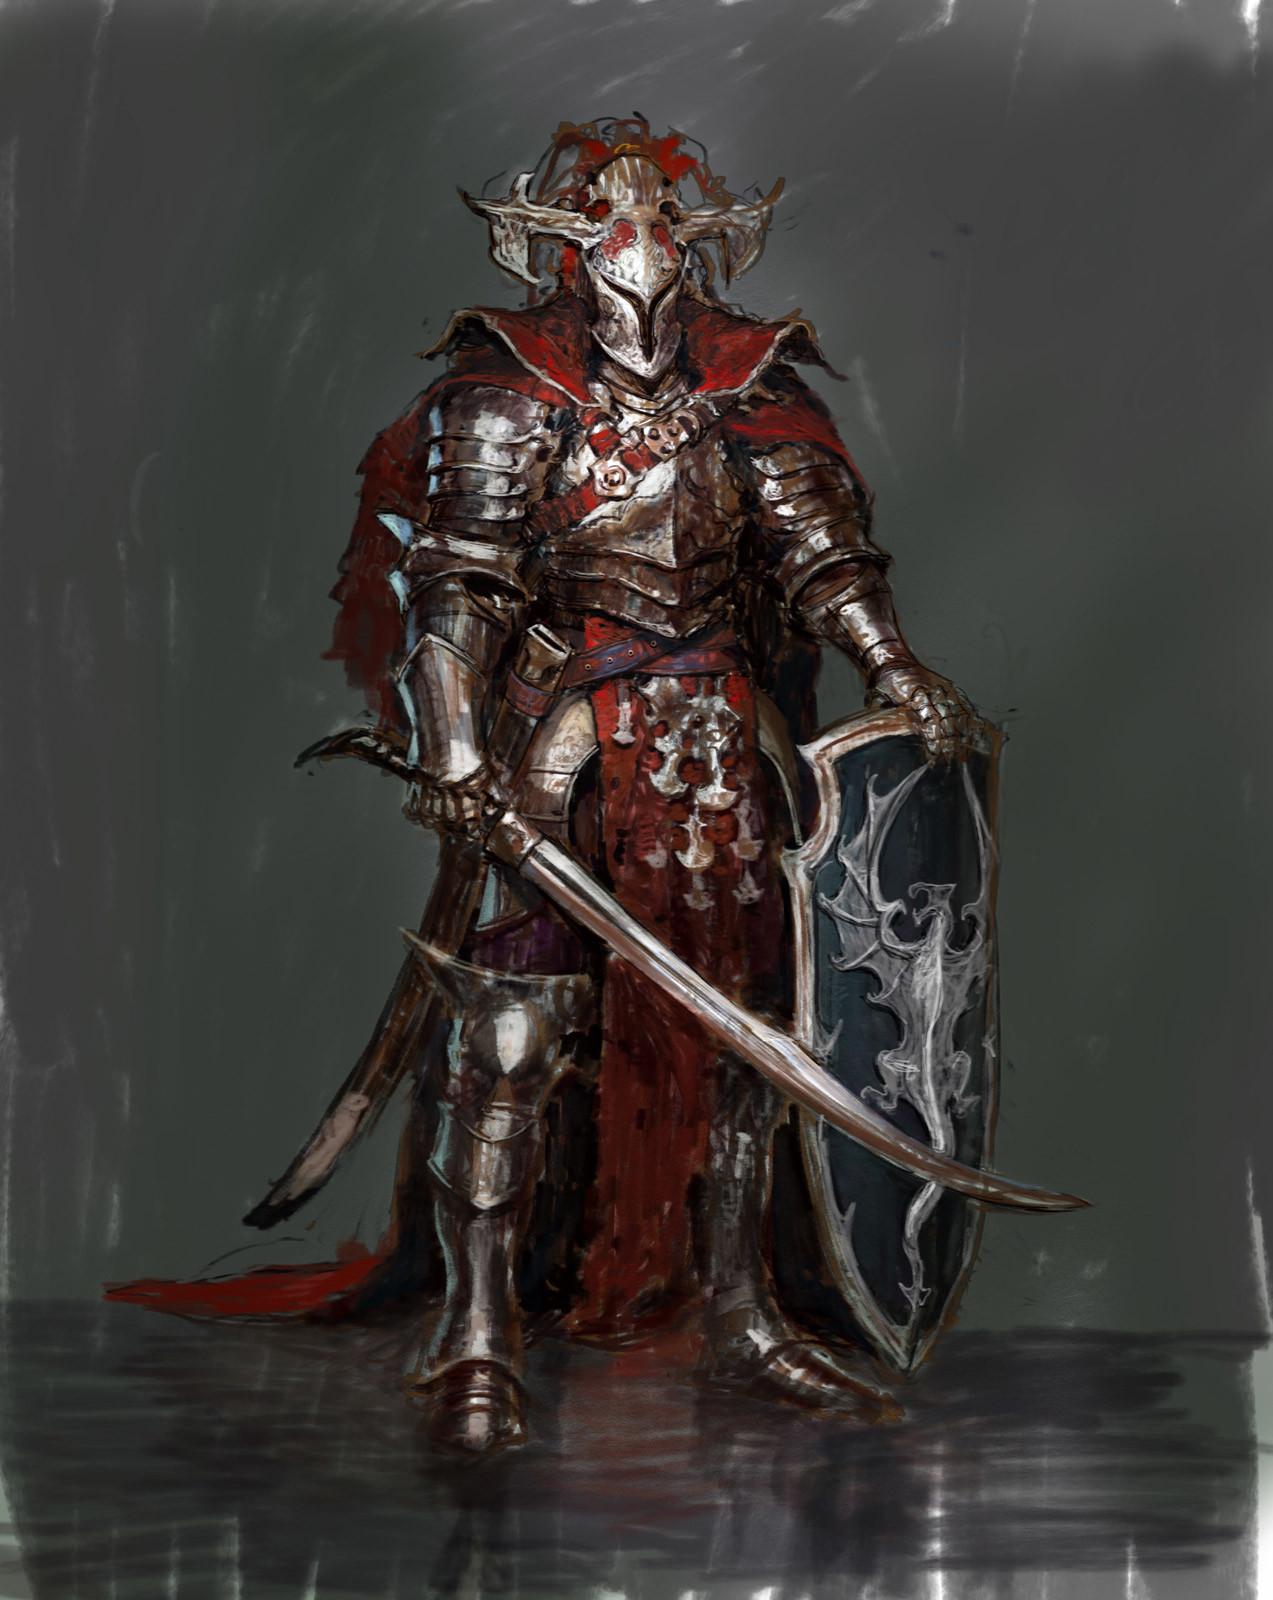 Ville valtteri kinnunen procreate knight